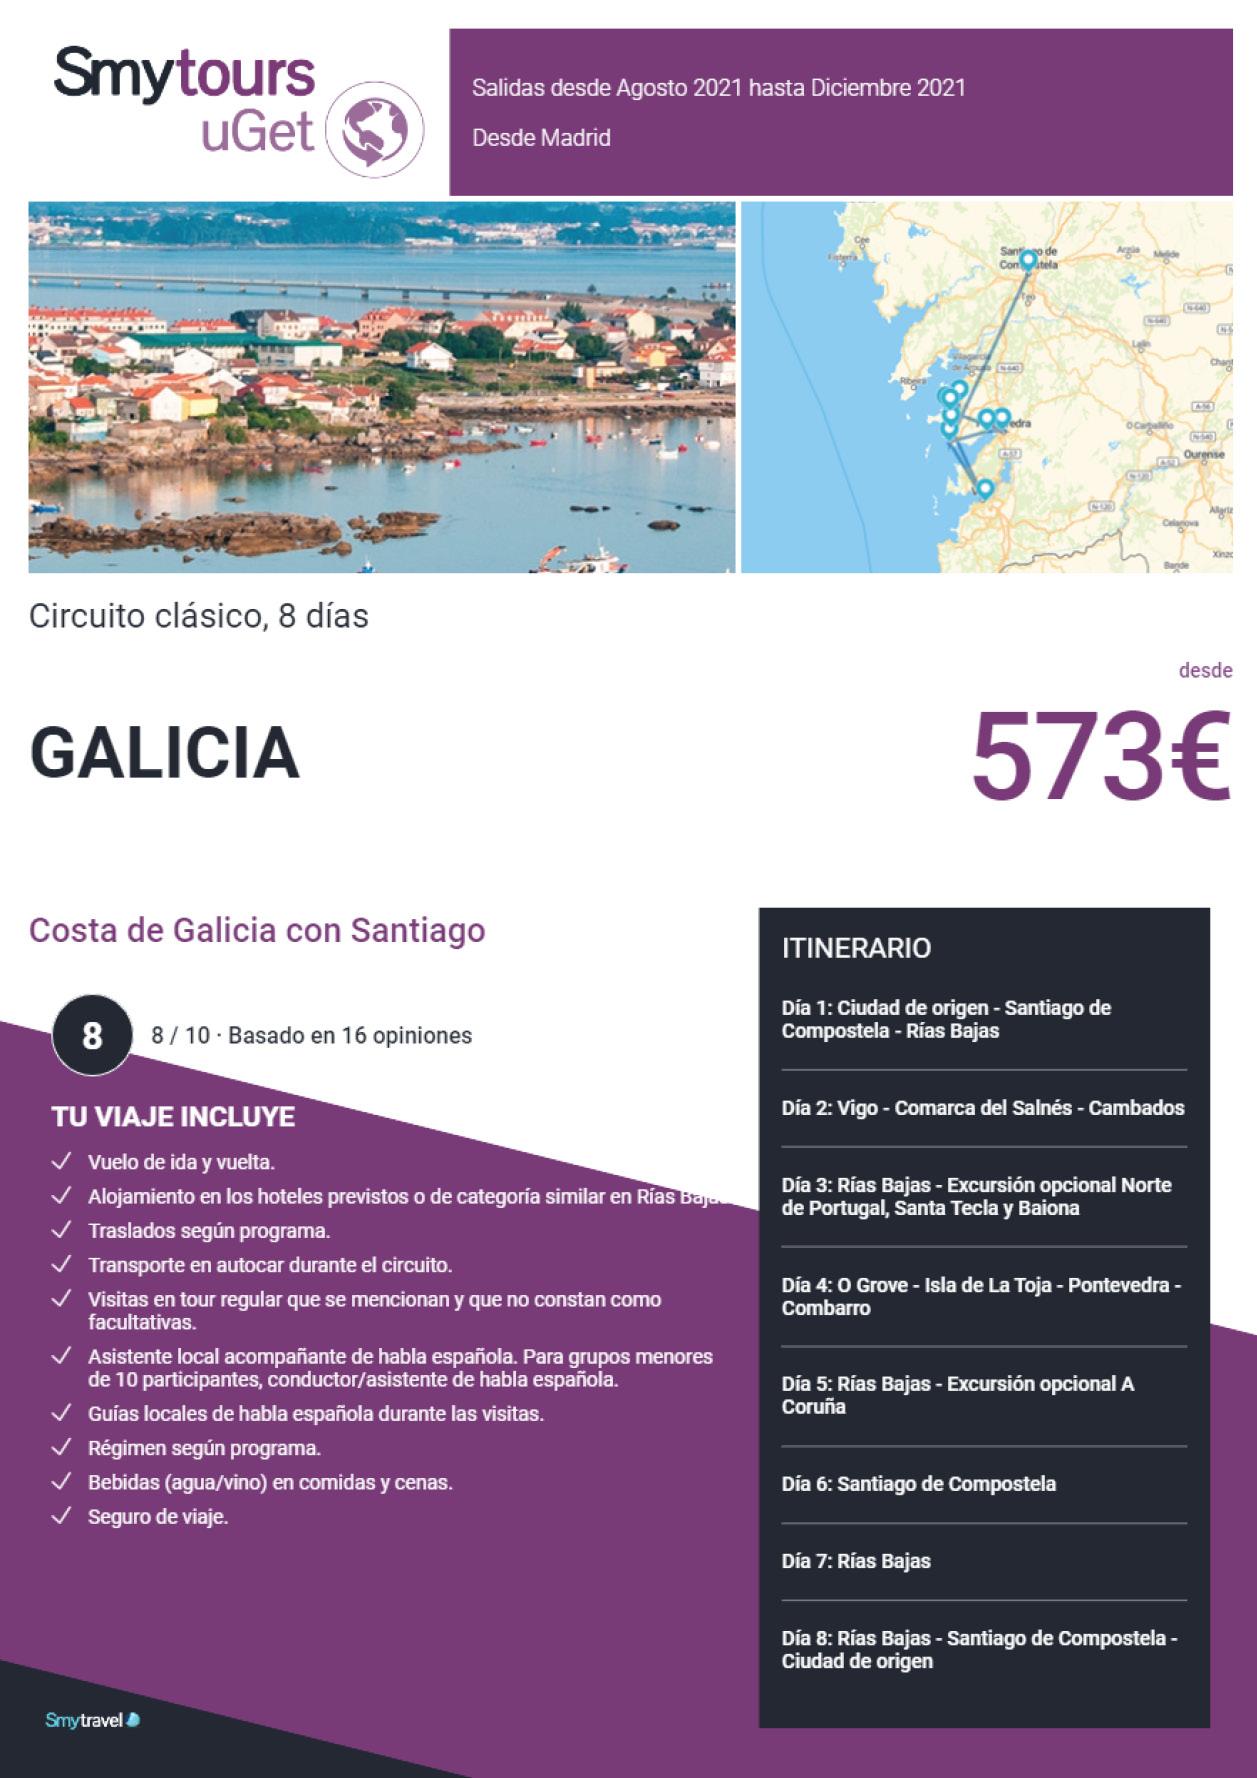 Oferta Smytravel Circuito Costa de Galicia con Santiago 8 dias salidas Madrid desde 573 €